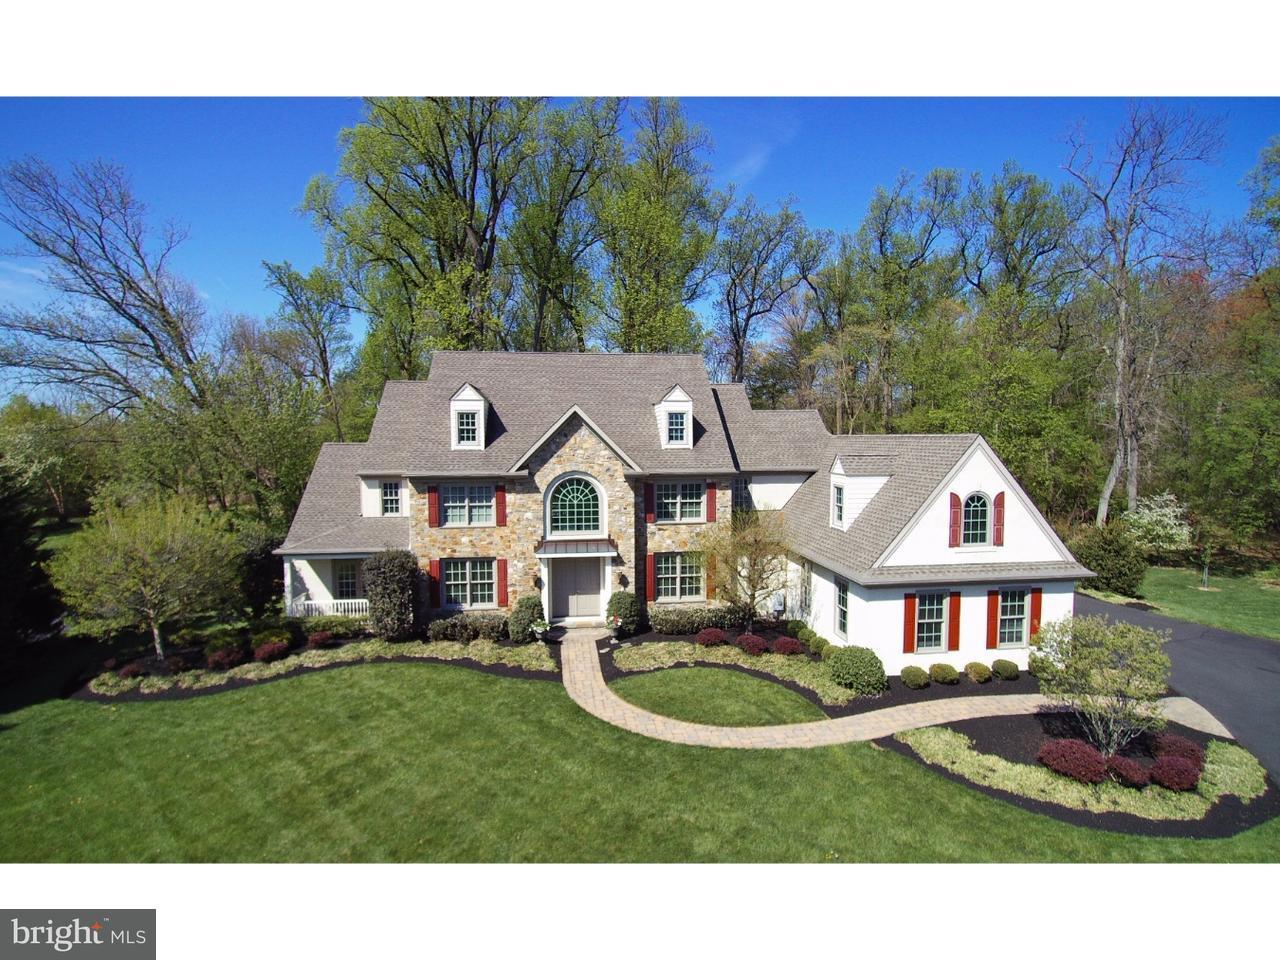 Maison unifamiliale pour l Vente à 2113 DEEP MEADOW Lane Worcester, Pennsylvanie 19446 États-Unis